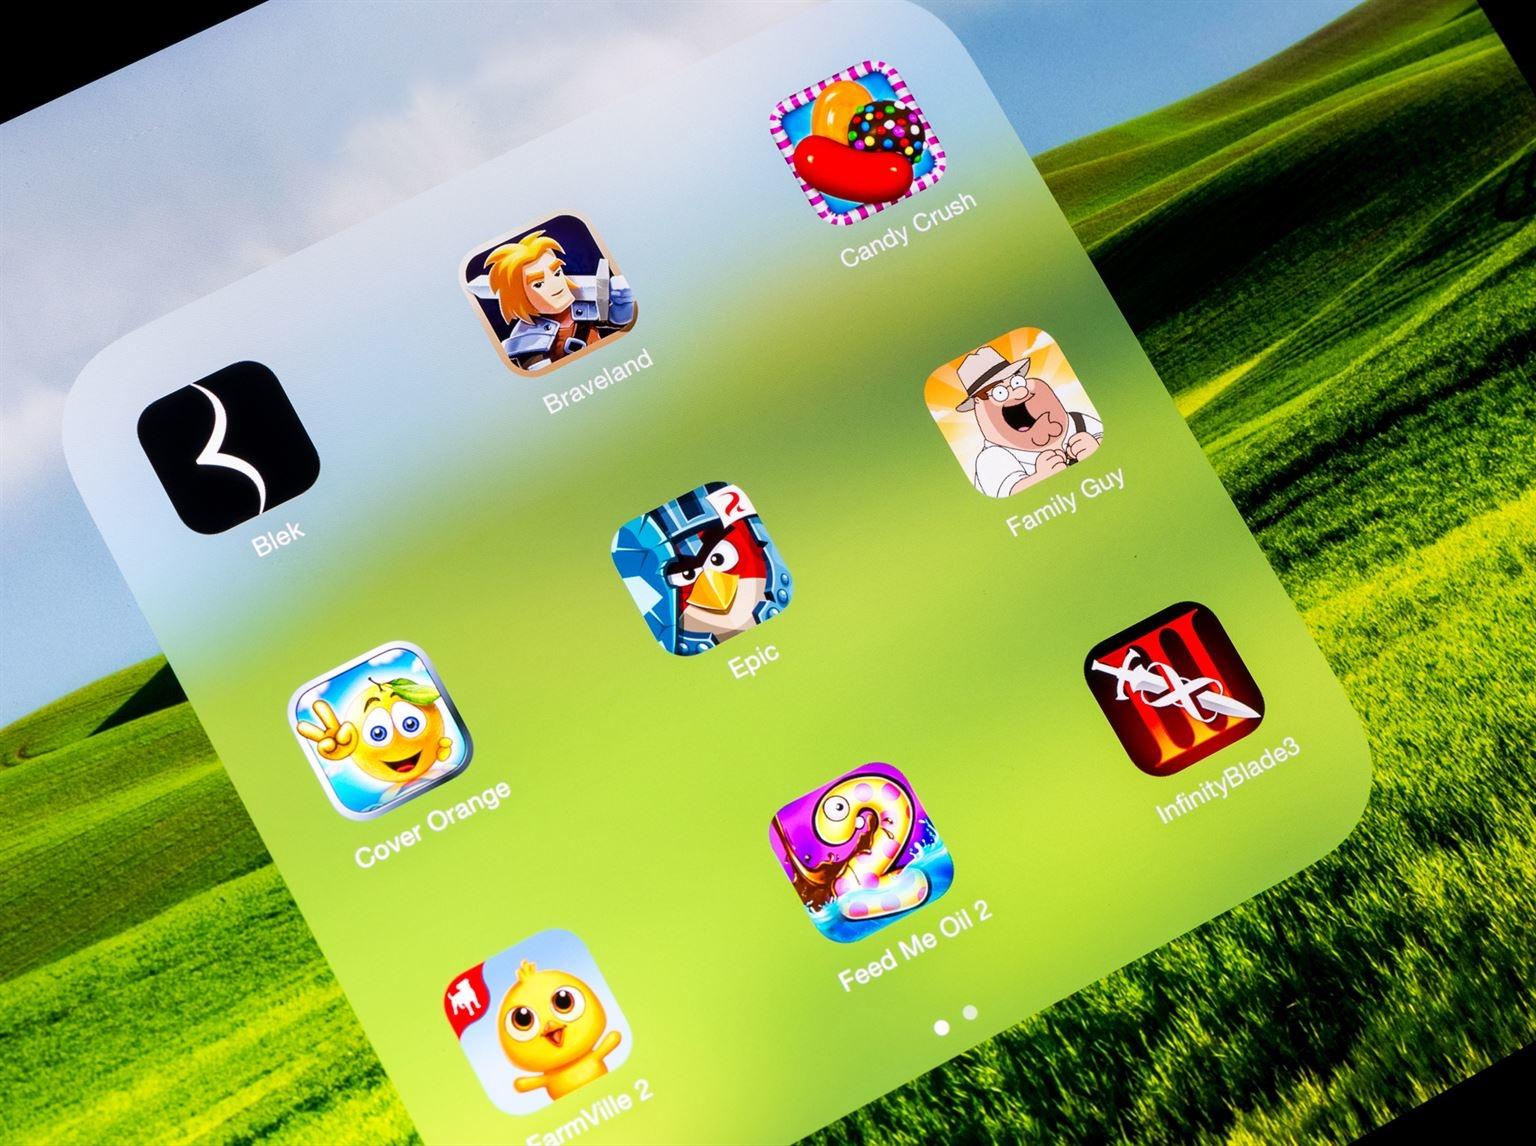 Jeux Sur Tablette: 64 Choix Pour Enfants | Protégez-Vous.ca dedans Jeux Gratuits Pour Bebe De 3 Ans